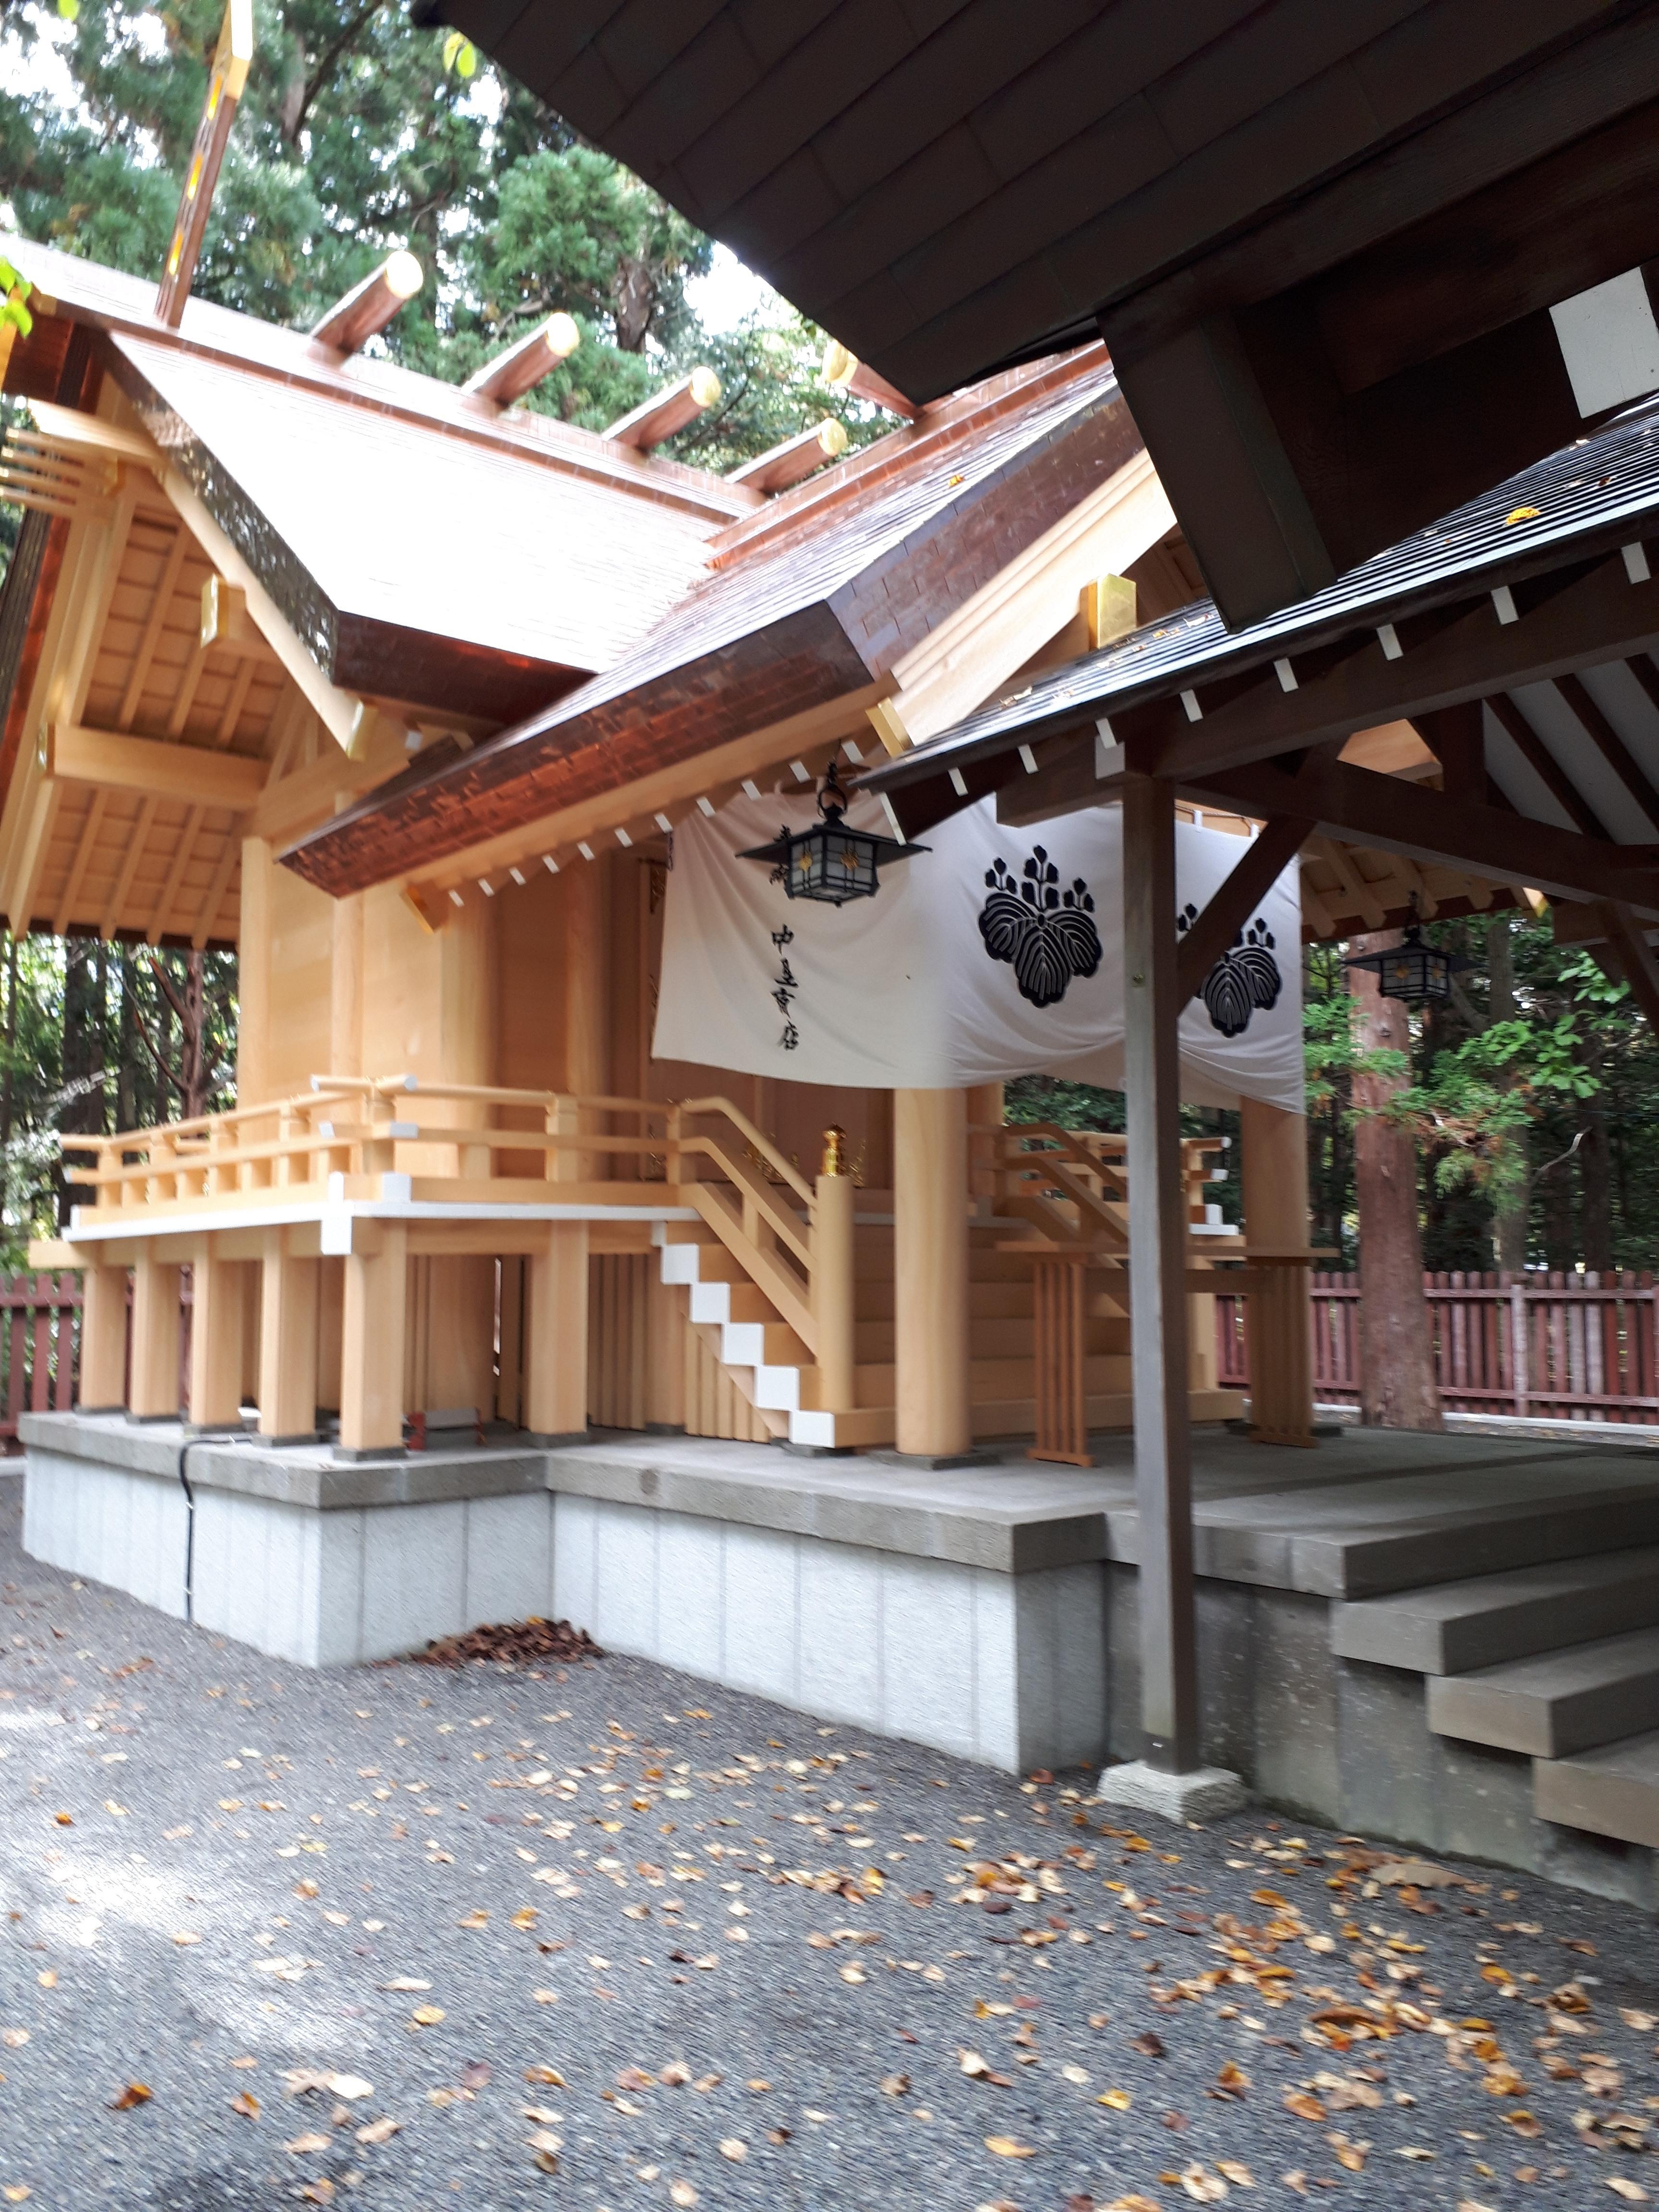 開拓神社の本殿